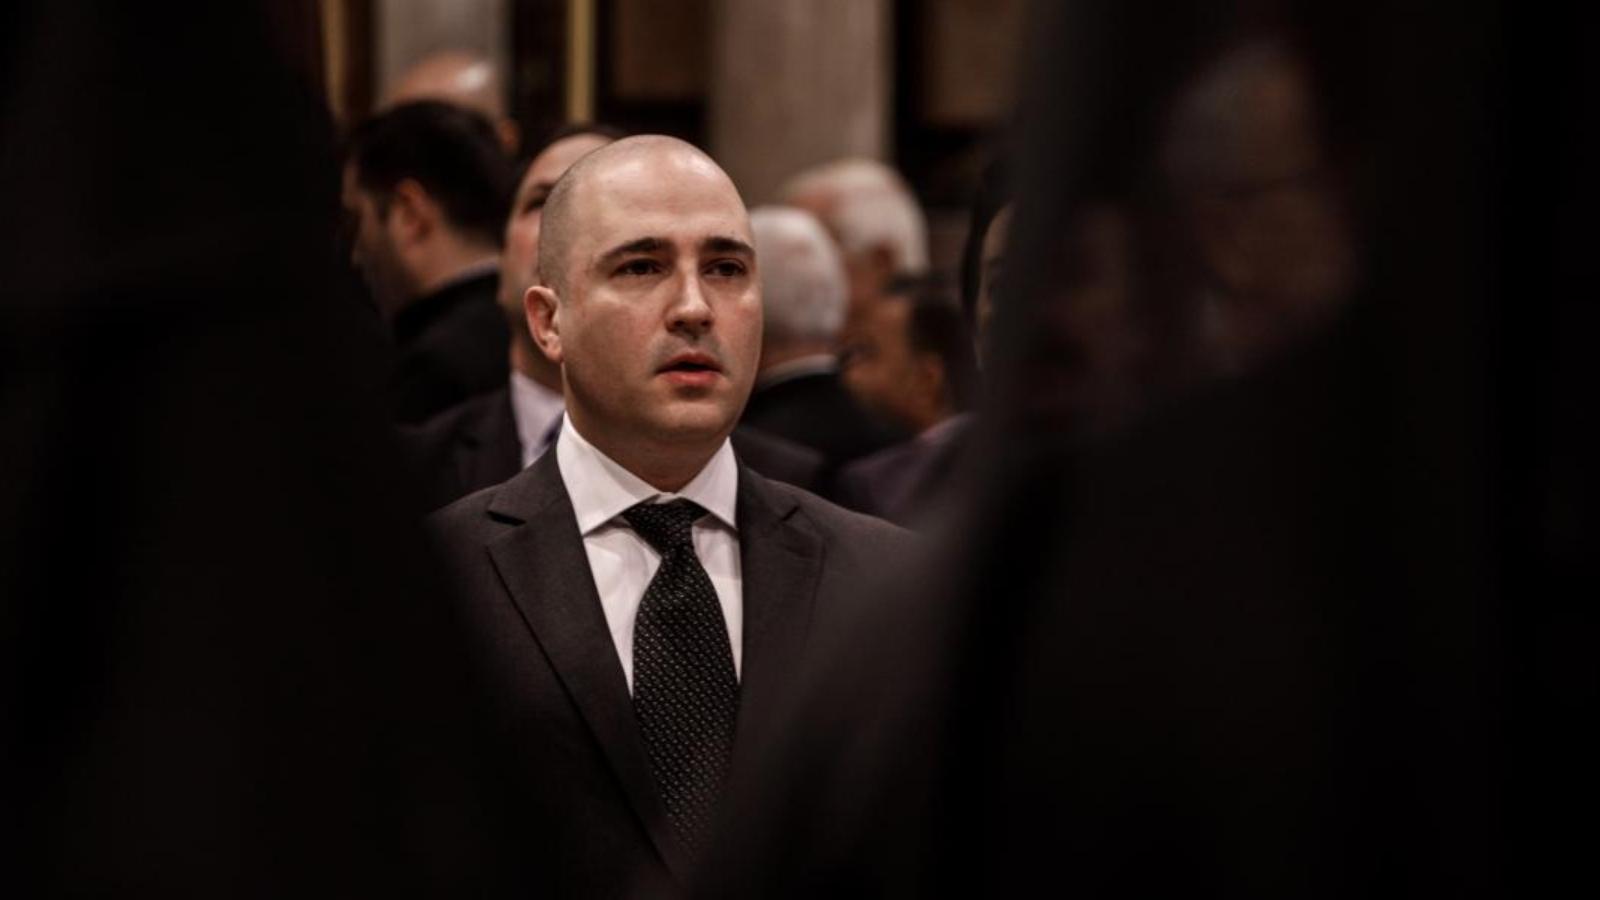 Κωνσταντίνος Μπογδάνος: Ποινική προκαταρκτική έρευνα για τη δημοσιοποίηση ονομάτων των νηπίων